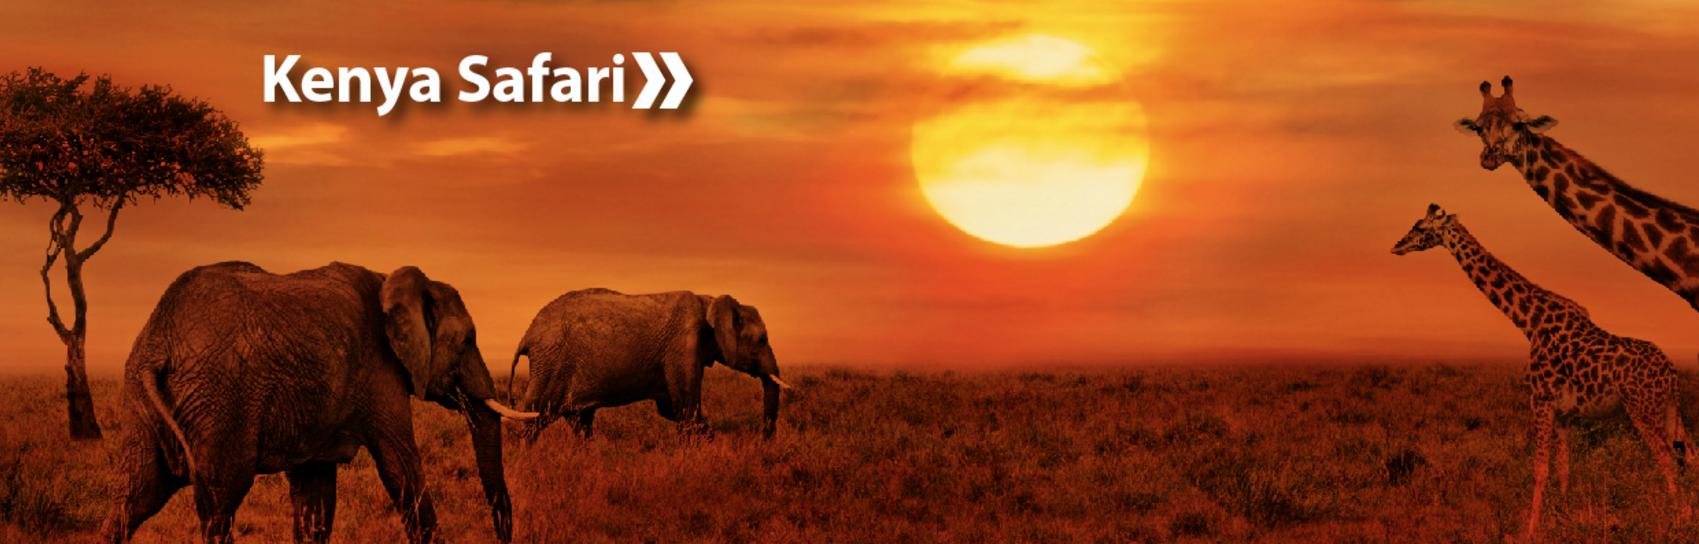 travel africa kenya safari